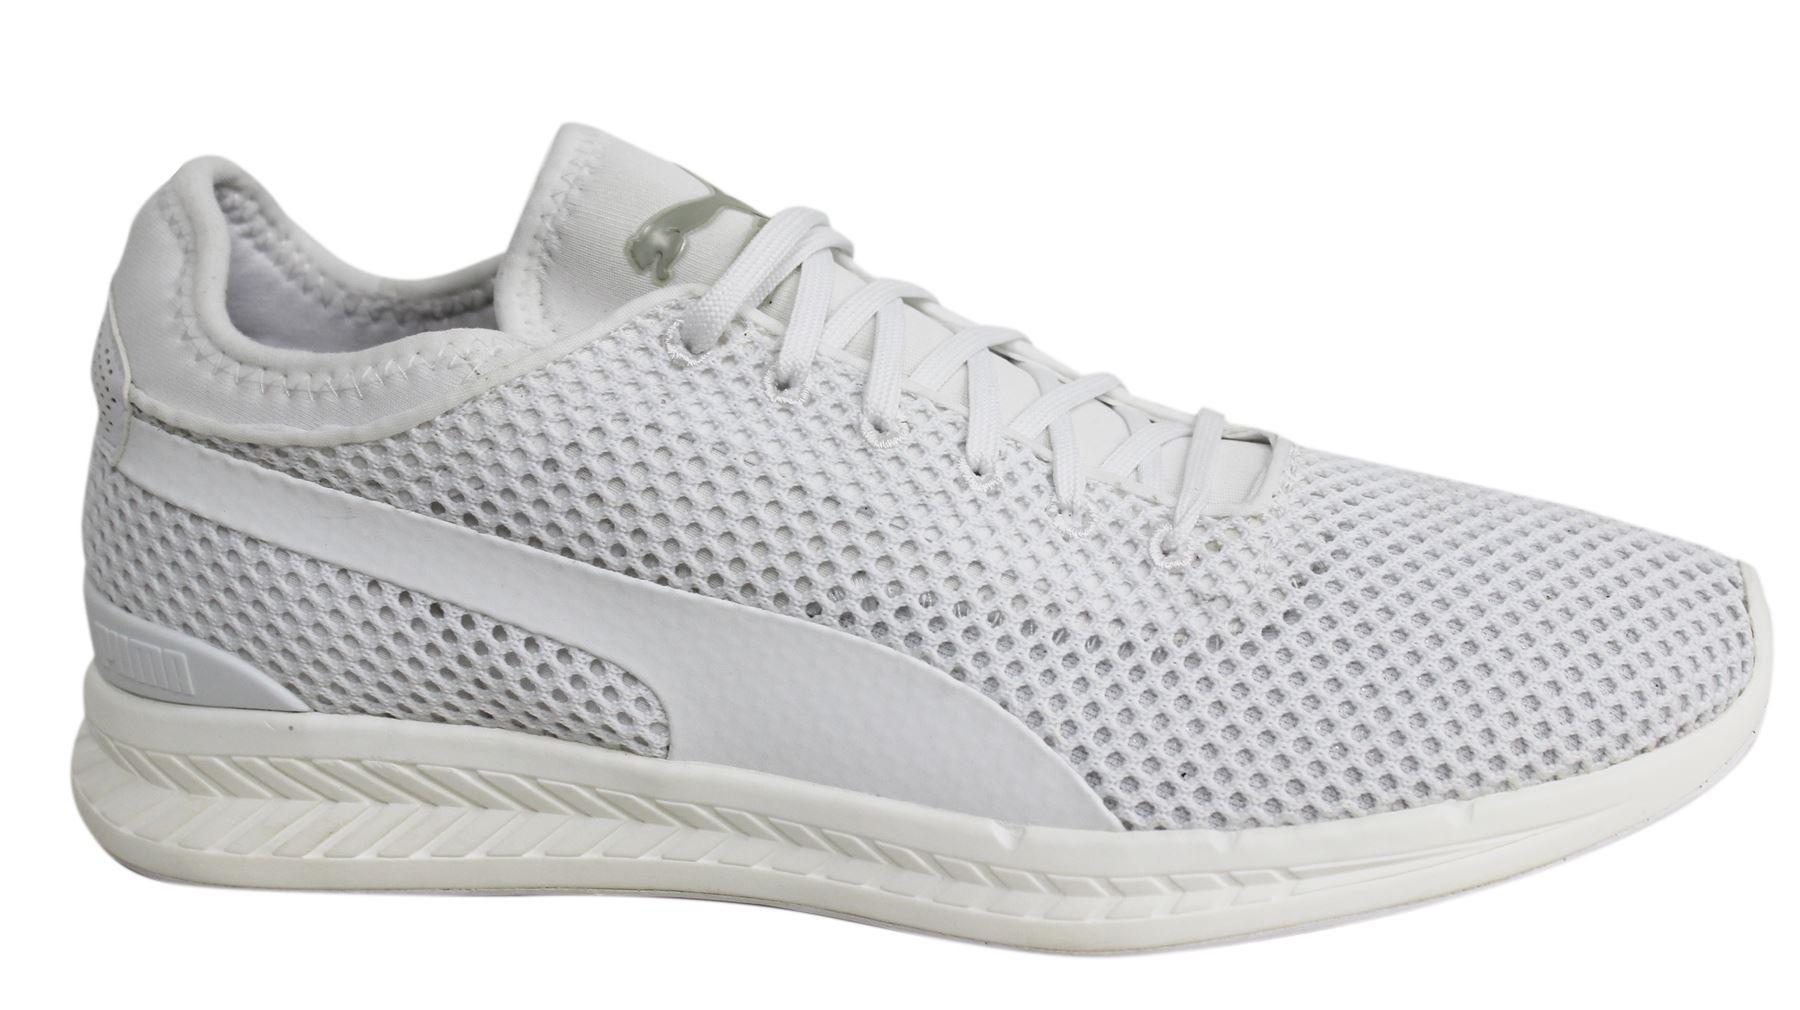 Puma Ignite calze maglia con lacci bianco tessuto Scarpe sportive uomo 361060 04